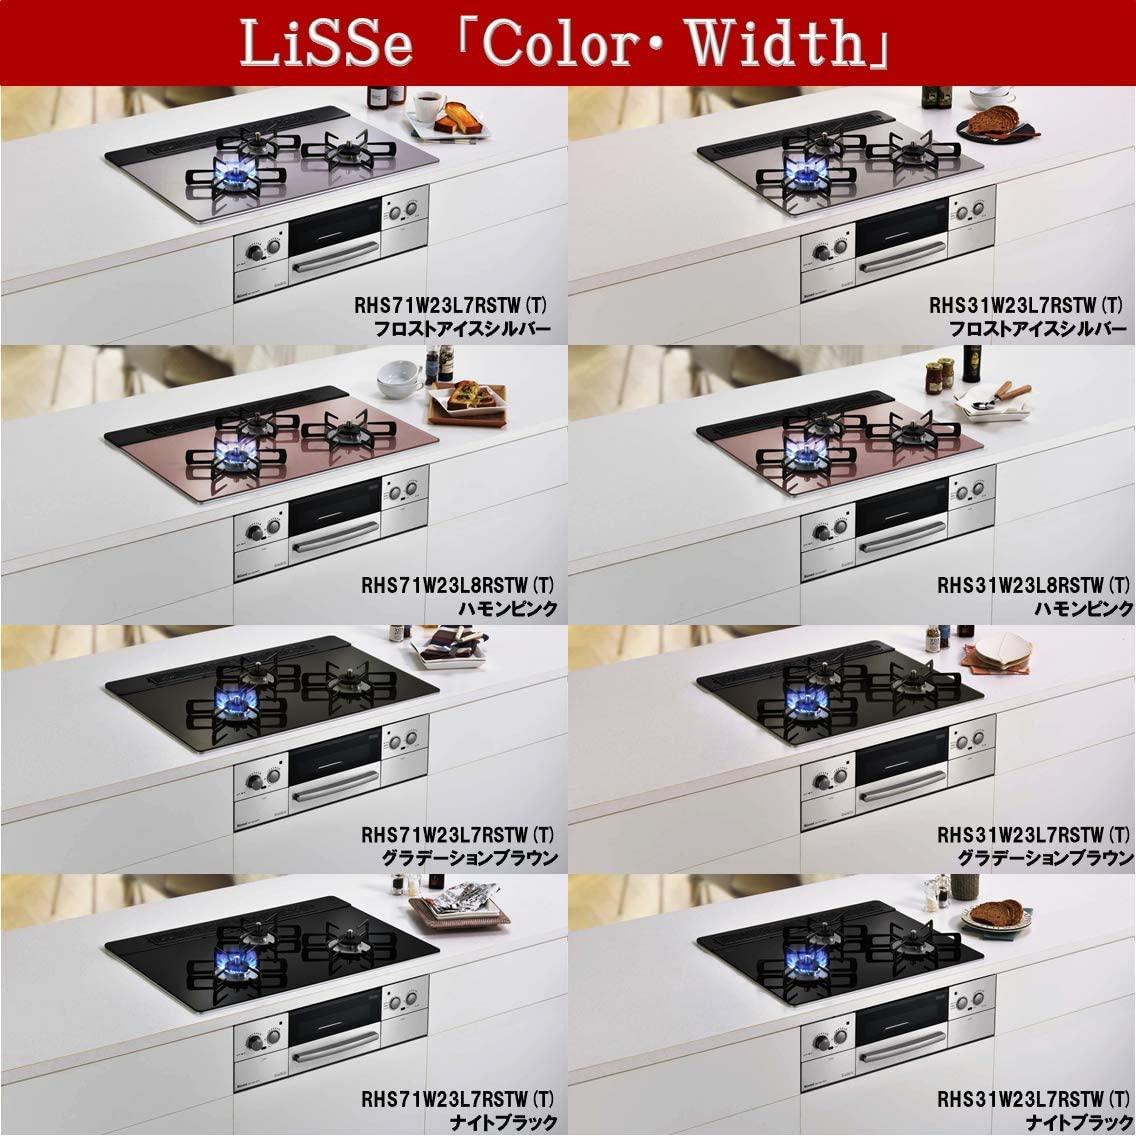 LiSSe(リッセ) RHS31W23L7RSTW 12A13A 幅60cm フロストアイスシルバーの商品画像4